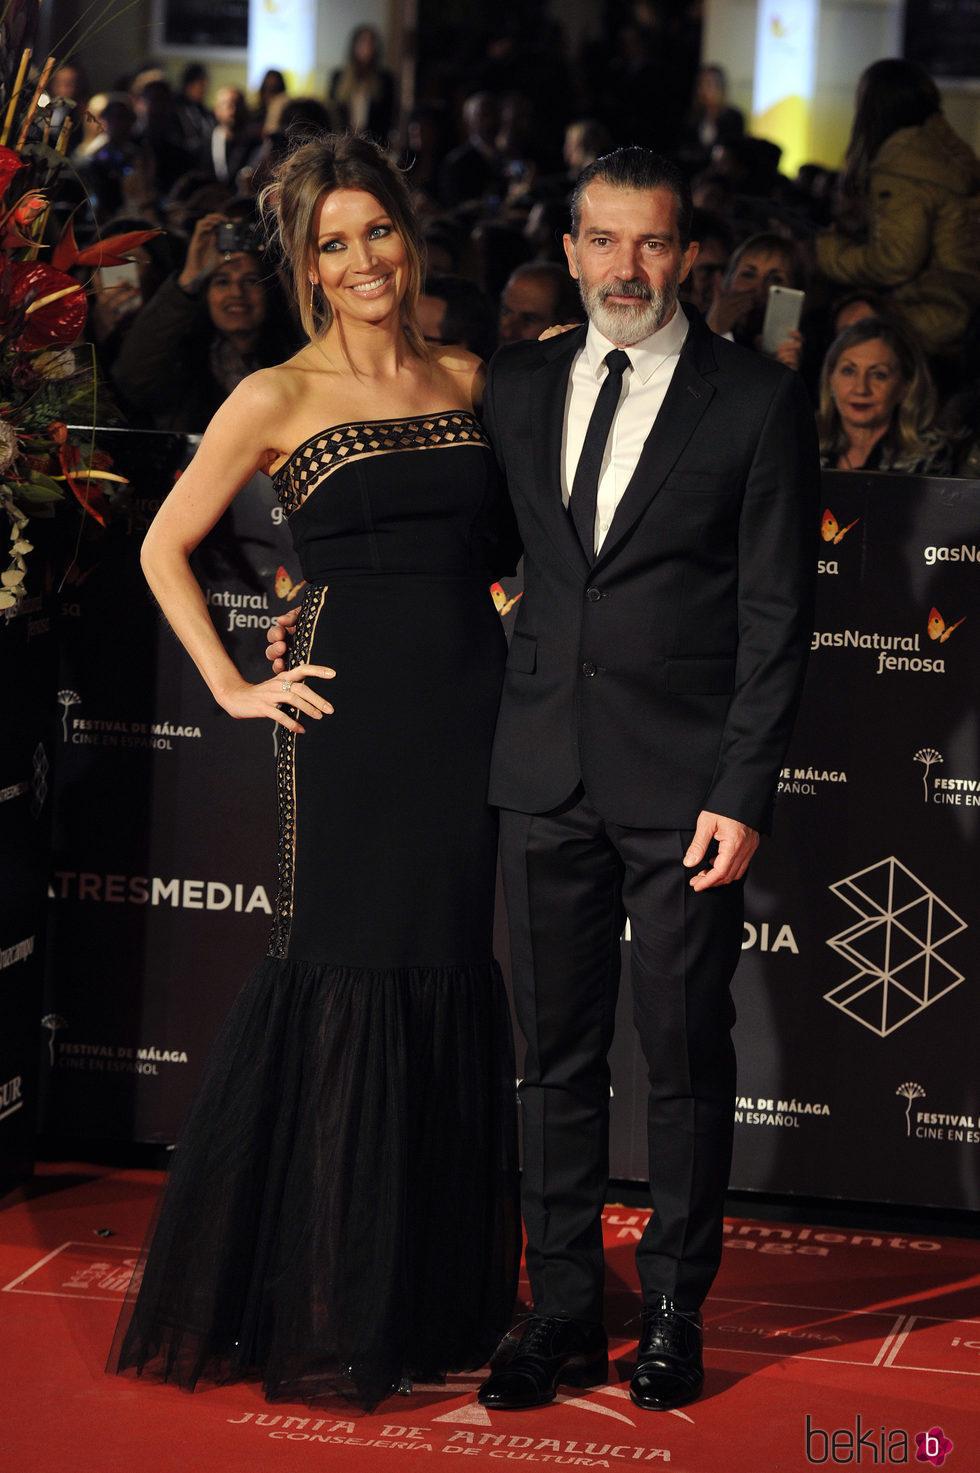 Antonio Banderas y Nicole Kimpel en la gala de clausura del Festival de Cine de Málaga